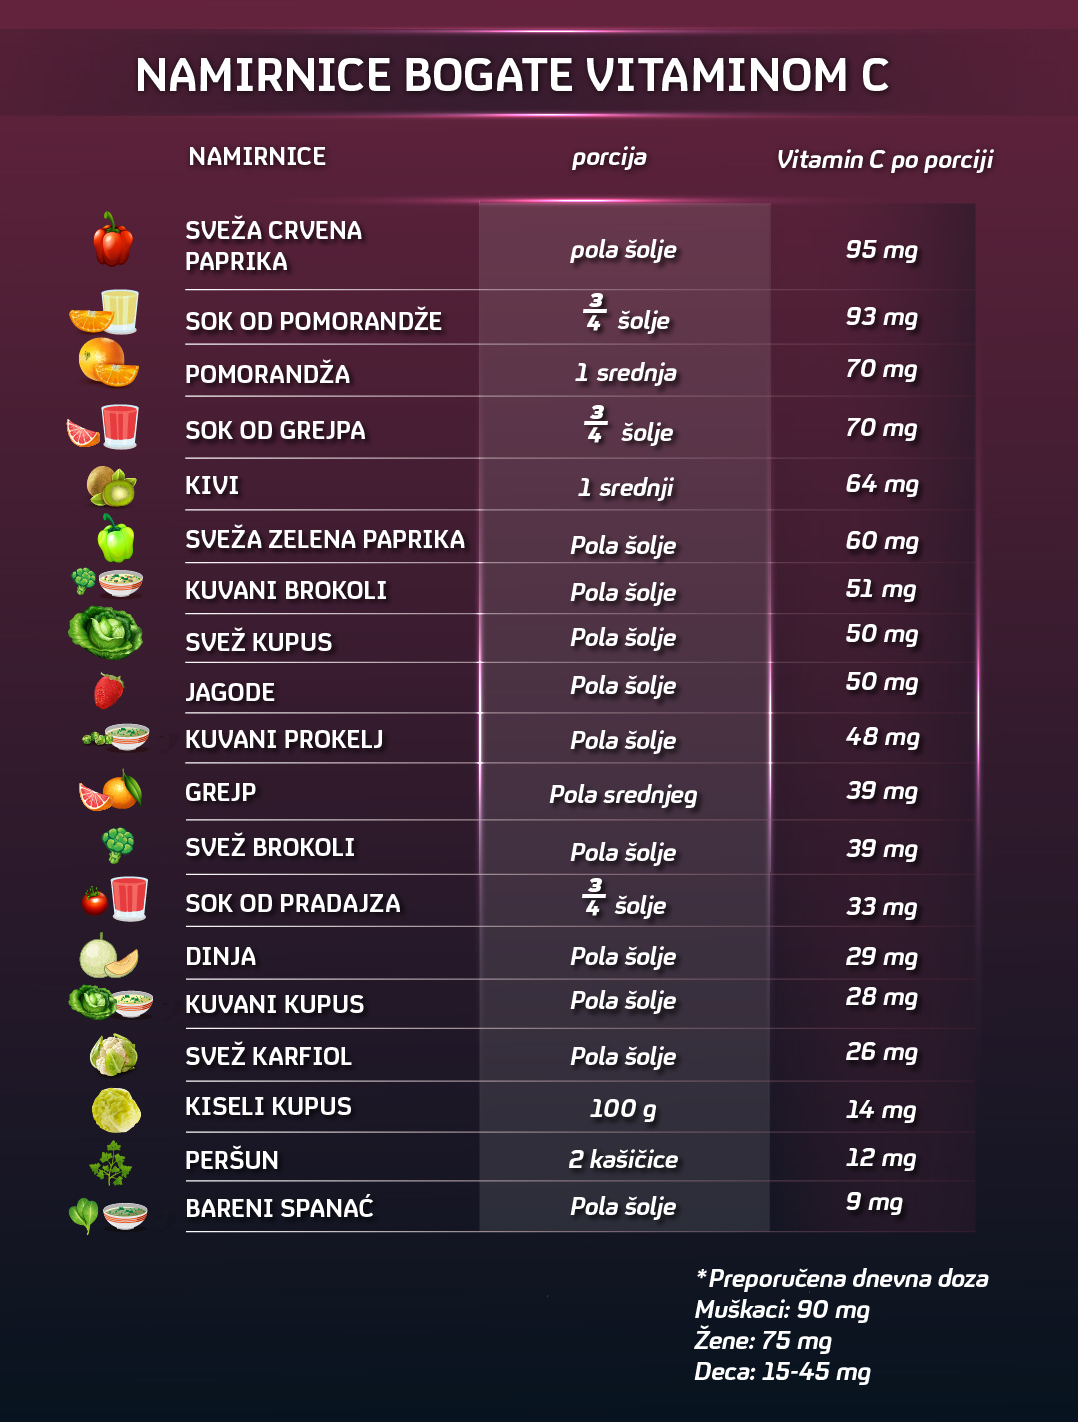 namirnice bogate vitaminom C